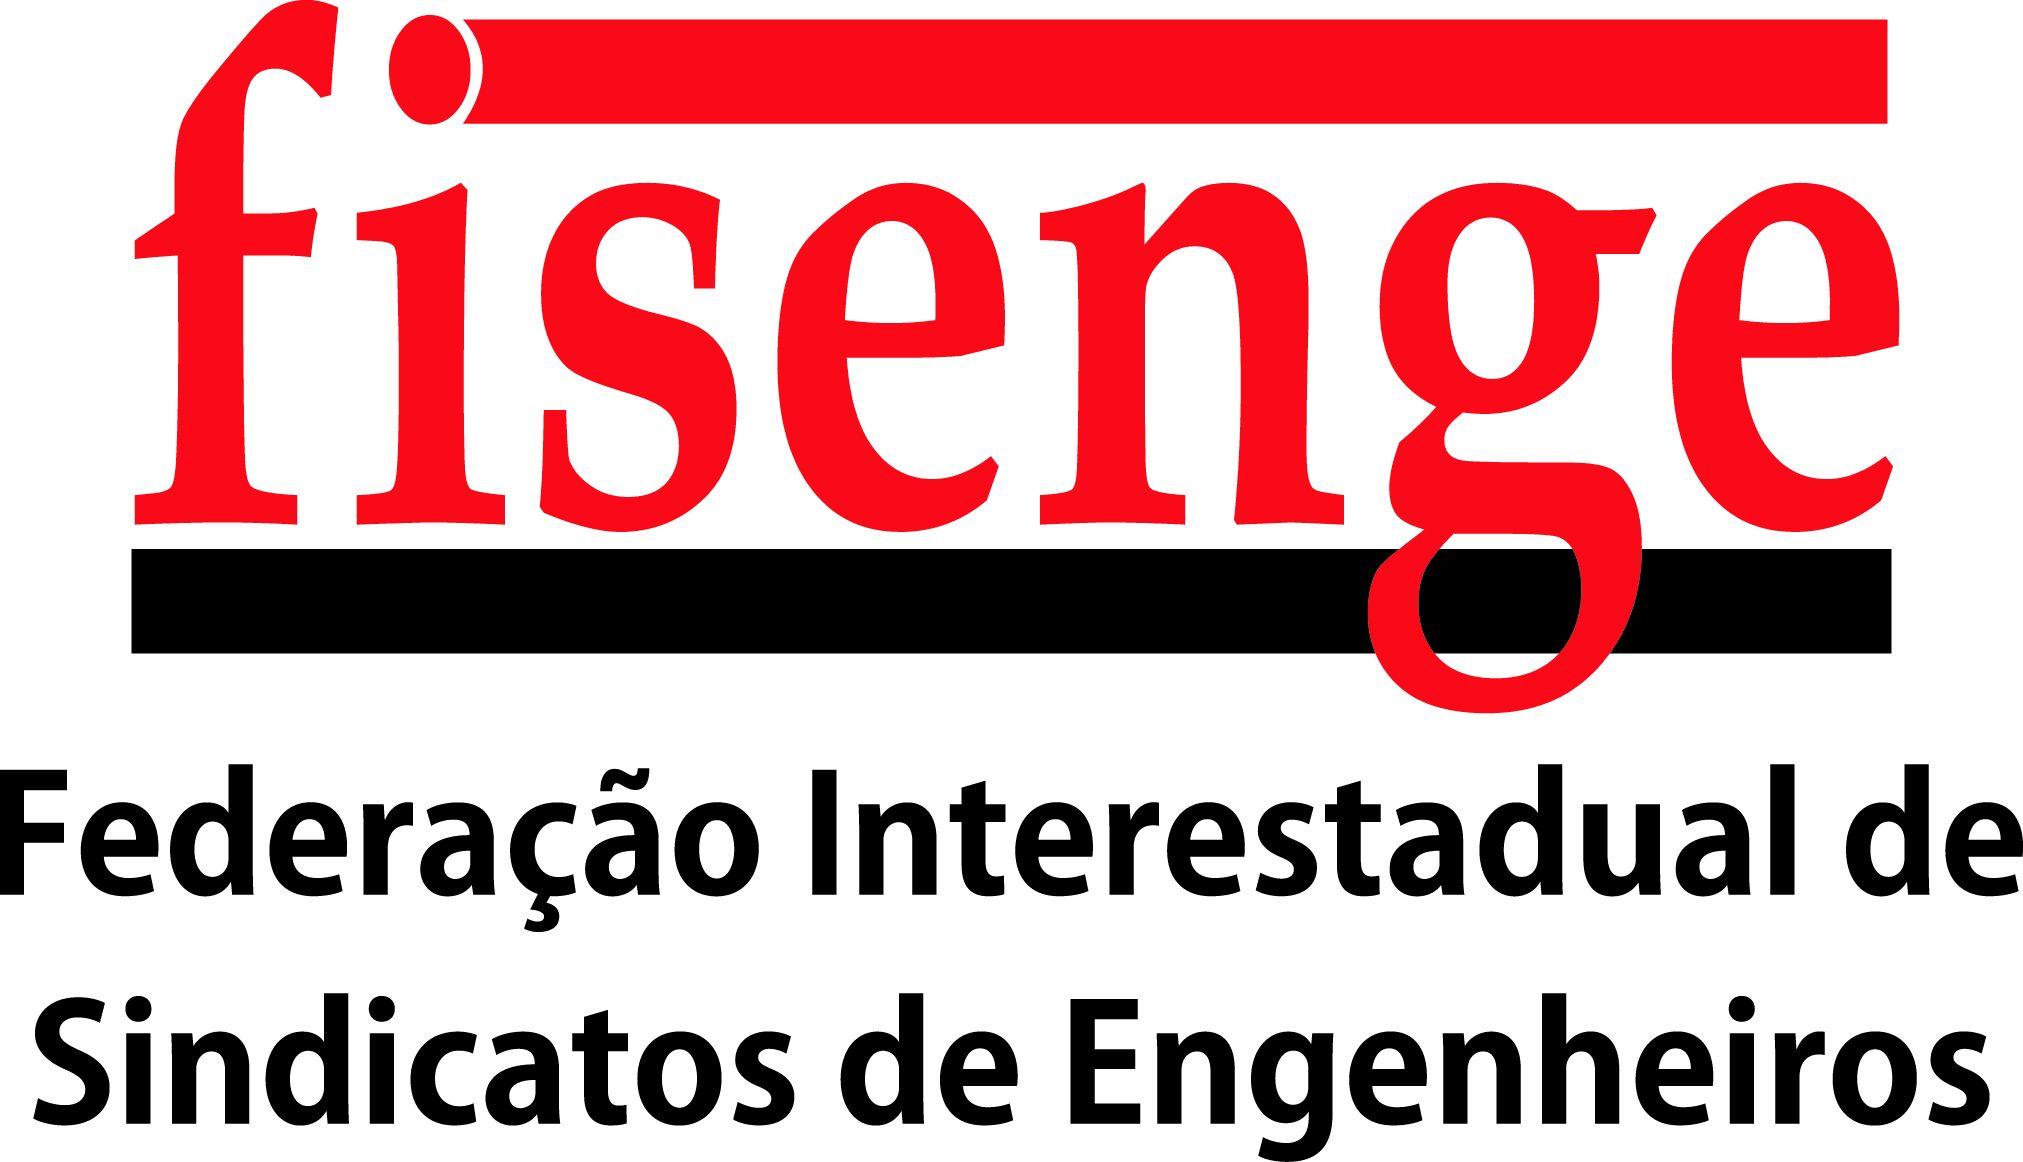 Federação Interestadual de Sindicatos de Engenheiros